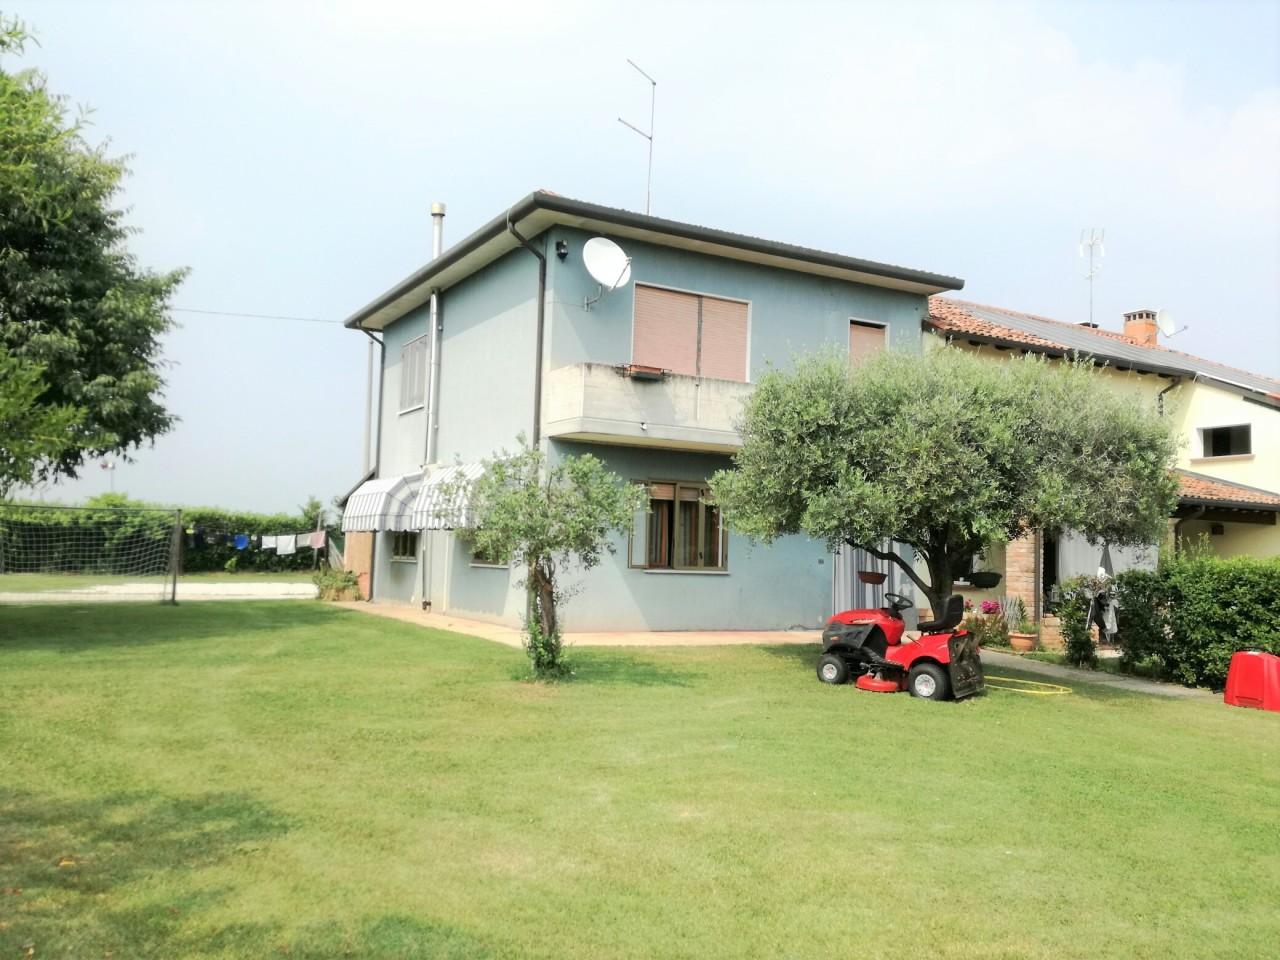 Soluzione Indipendente in vendita a Vedelago, 4 locali, prezzo € 120.000 | Cambio Casa.it